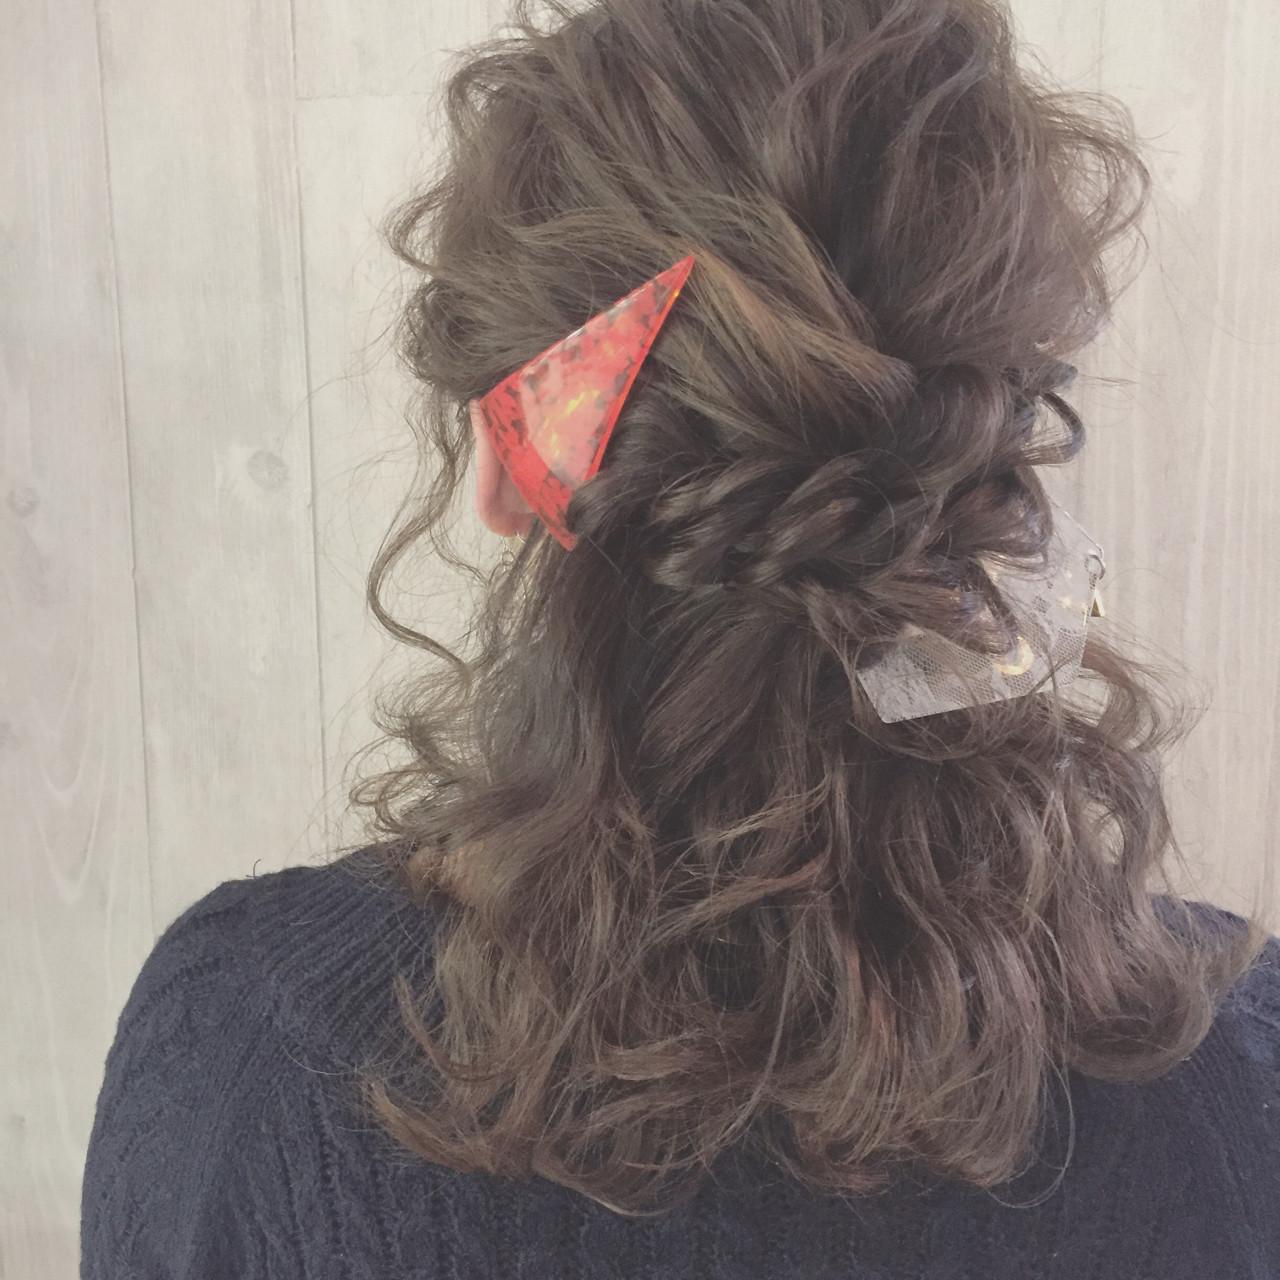 ゆるふわ ねじり ふわふわ ガーリー ヘアスタイルや髪型の写真・画像